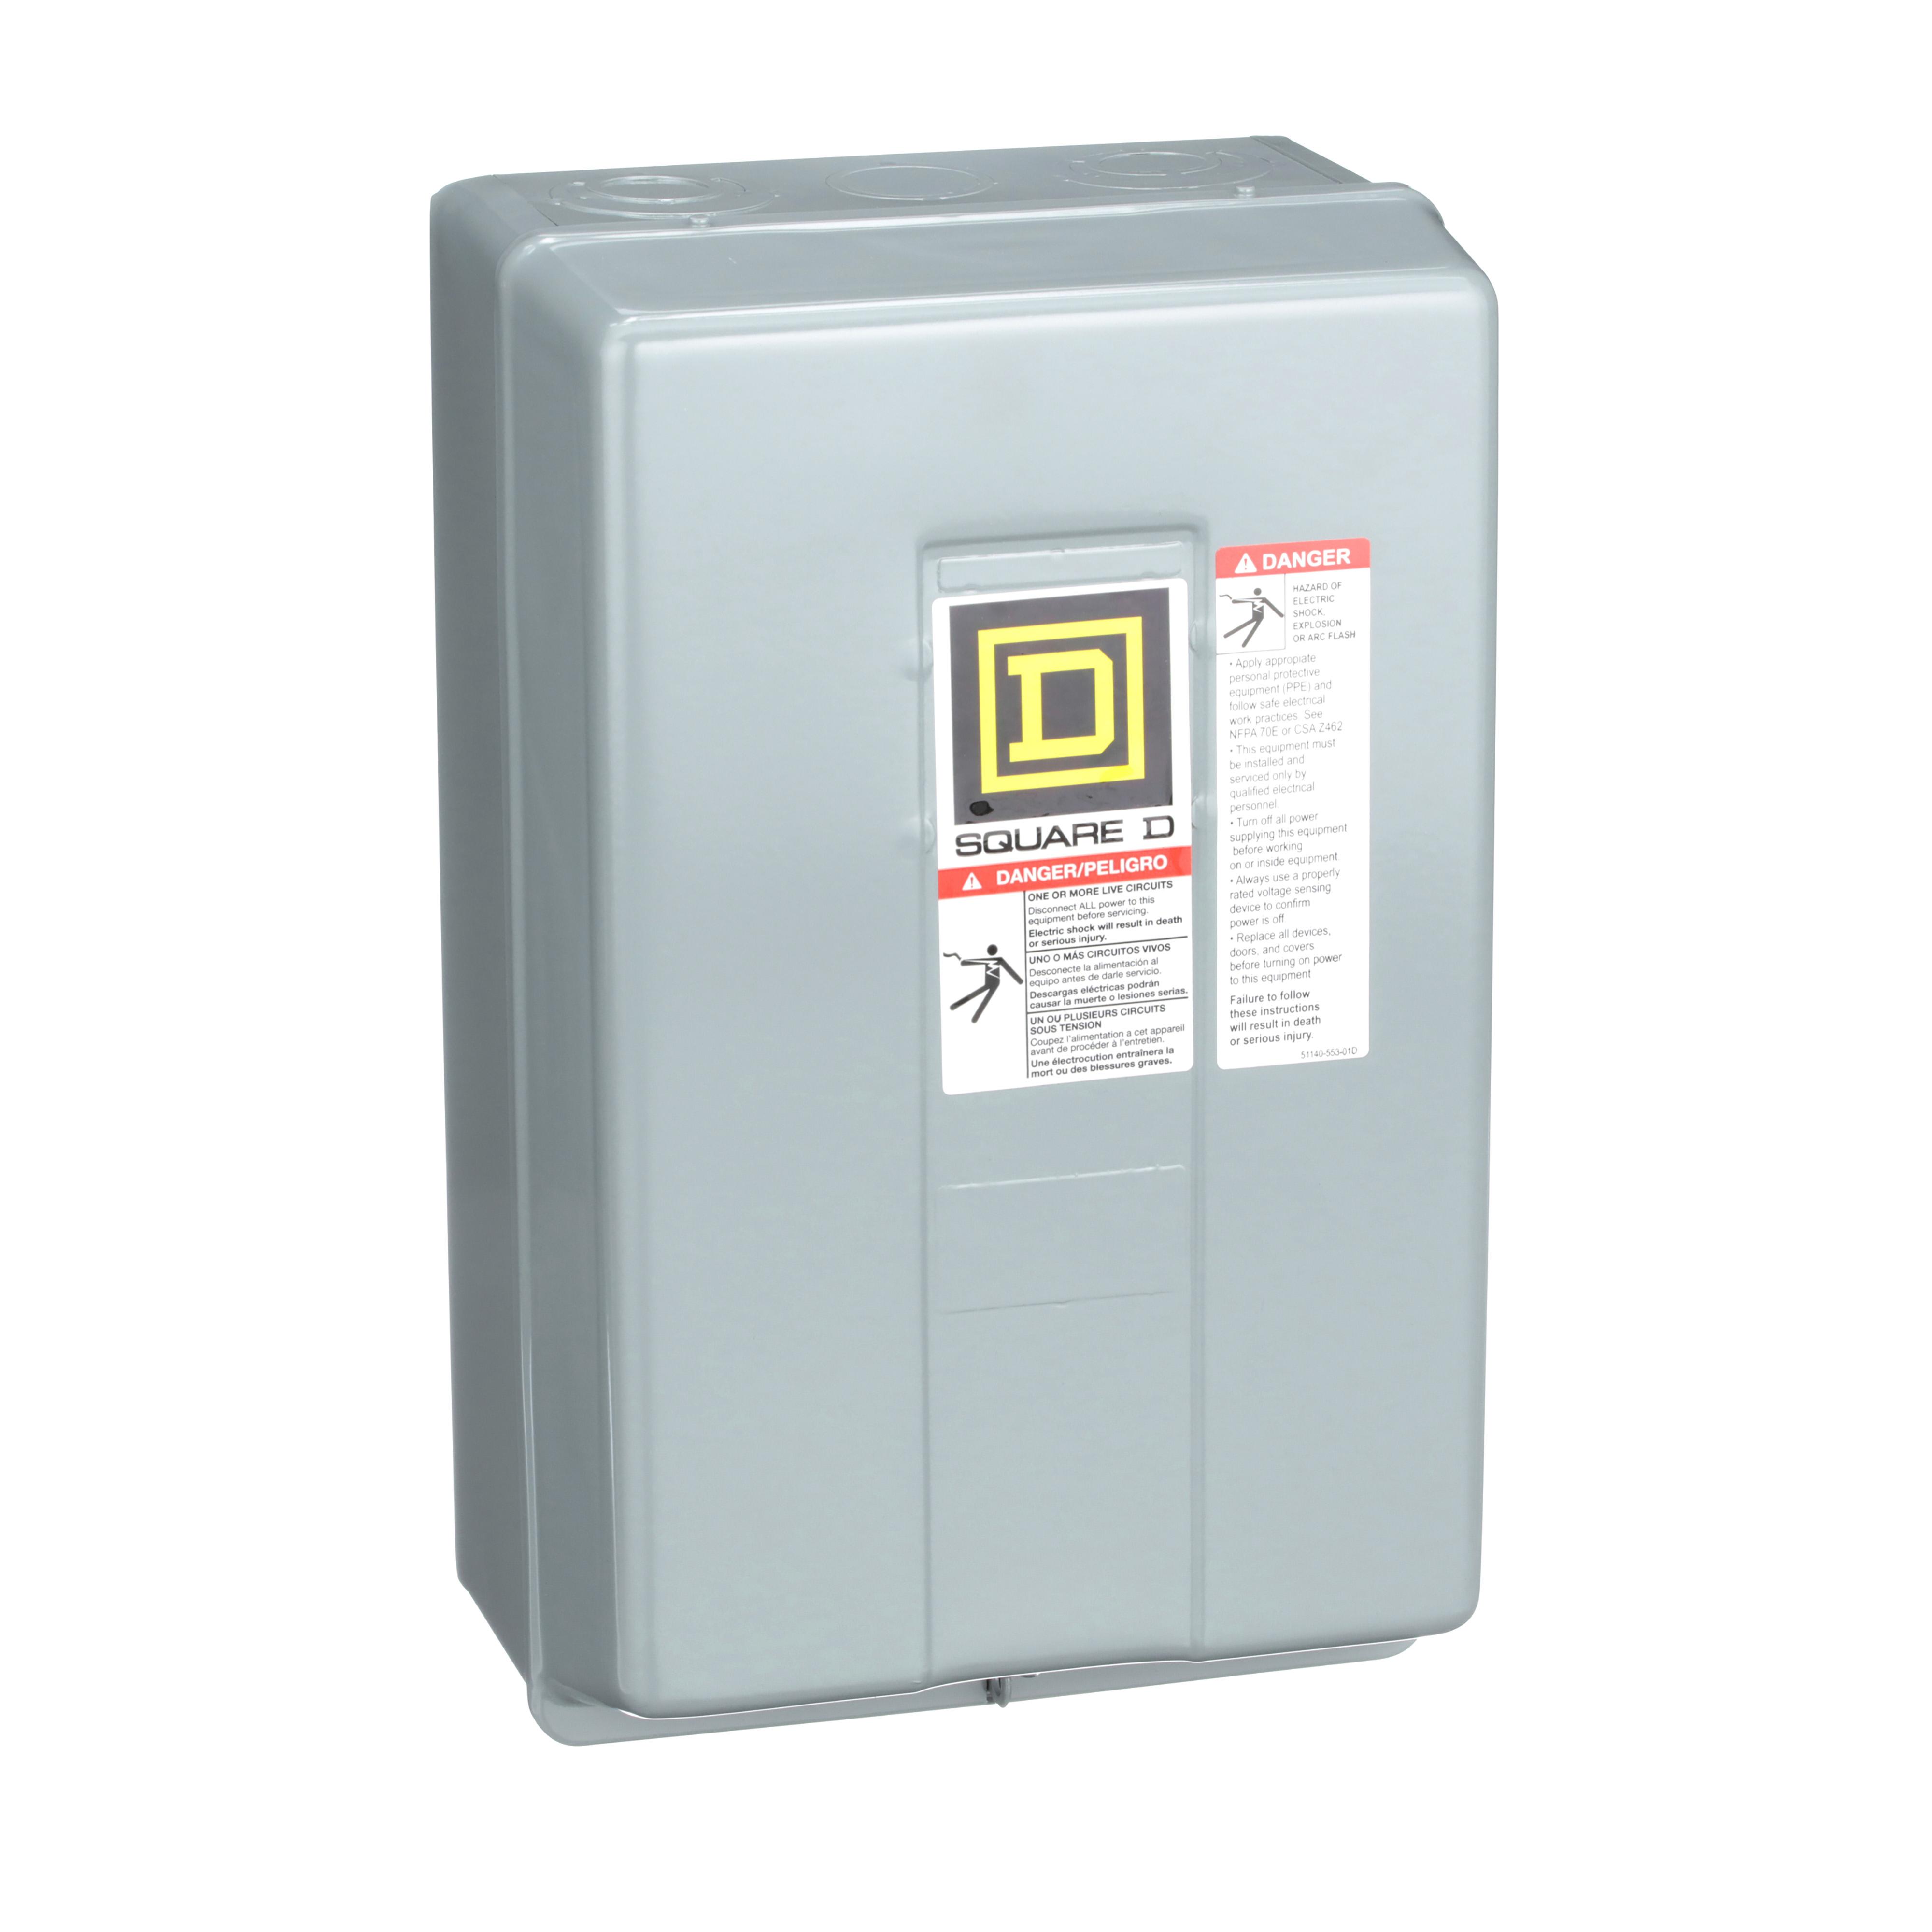 SQUARE D 8903LG40V02 : LIGHTING CONTACTOR 600VAC 30A L